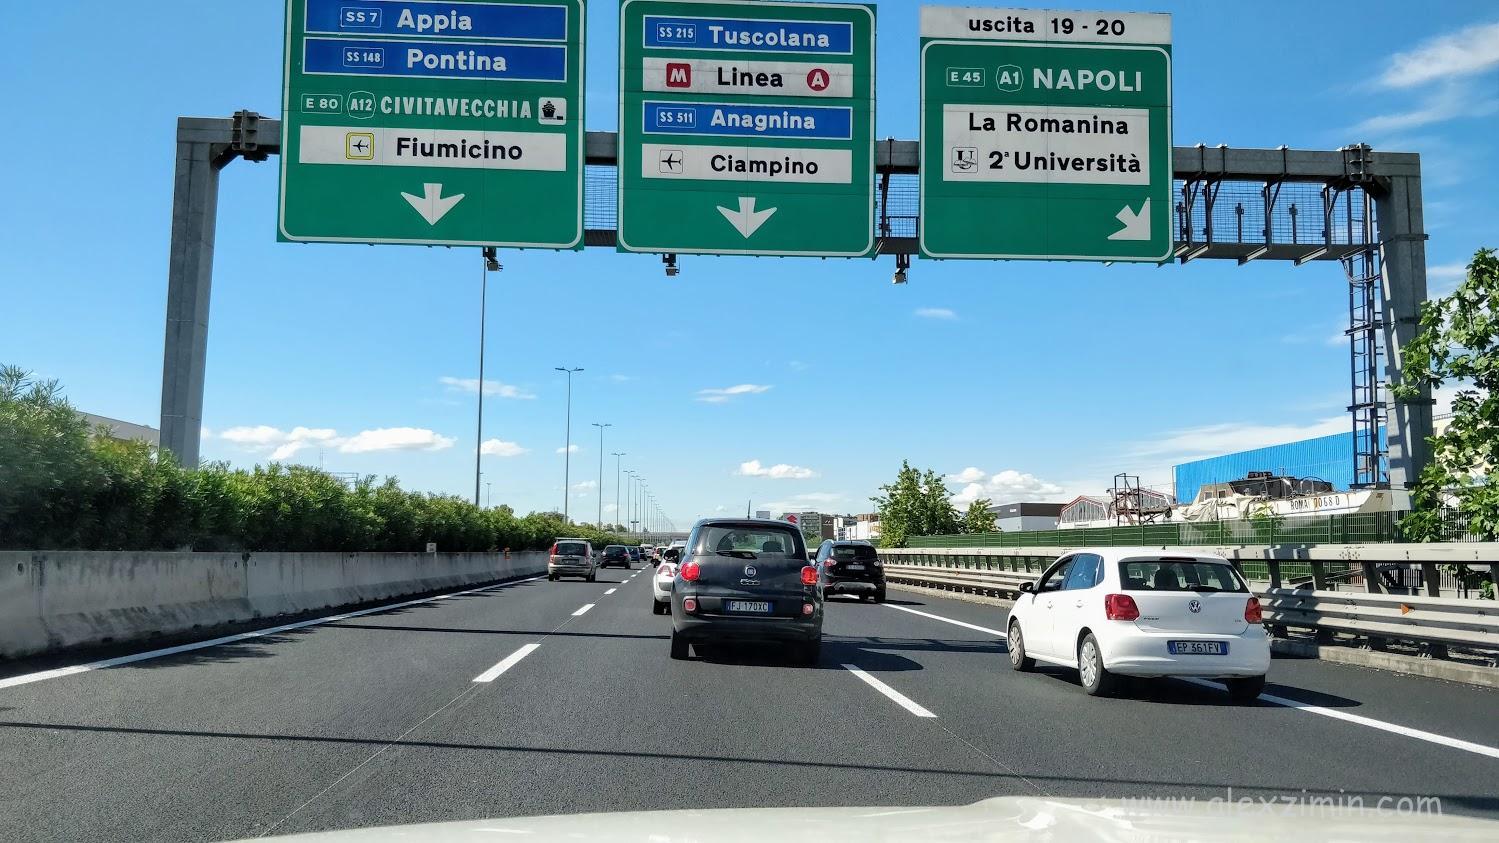 Указатели на трассе на римские аэропорты Чампино и Фьюмичино